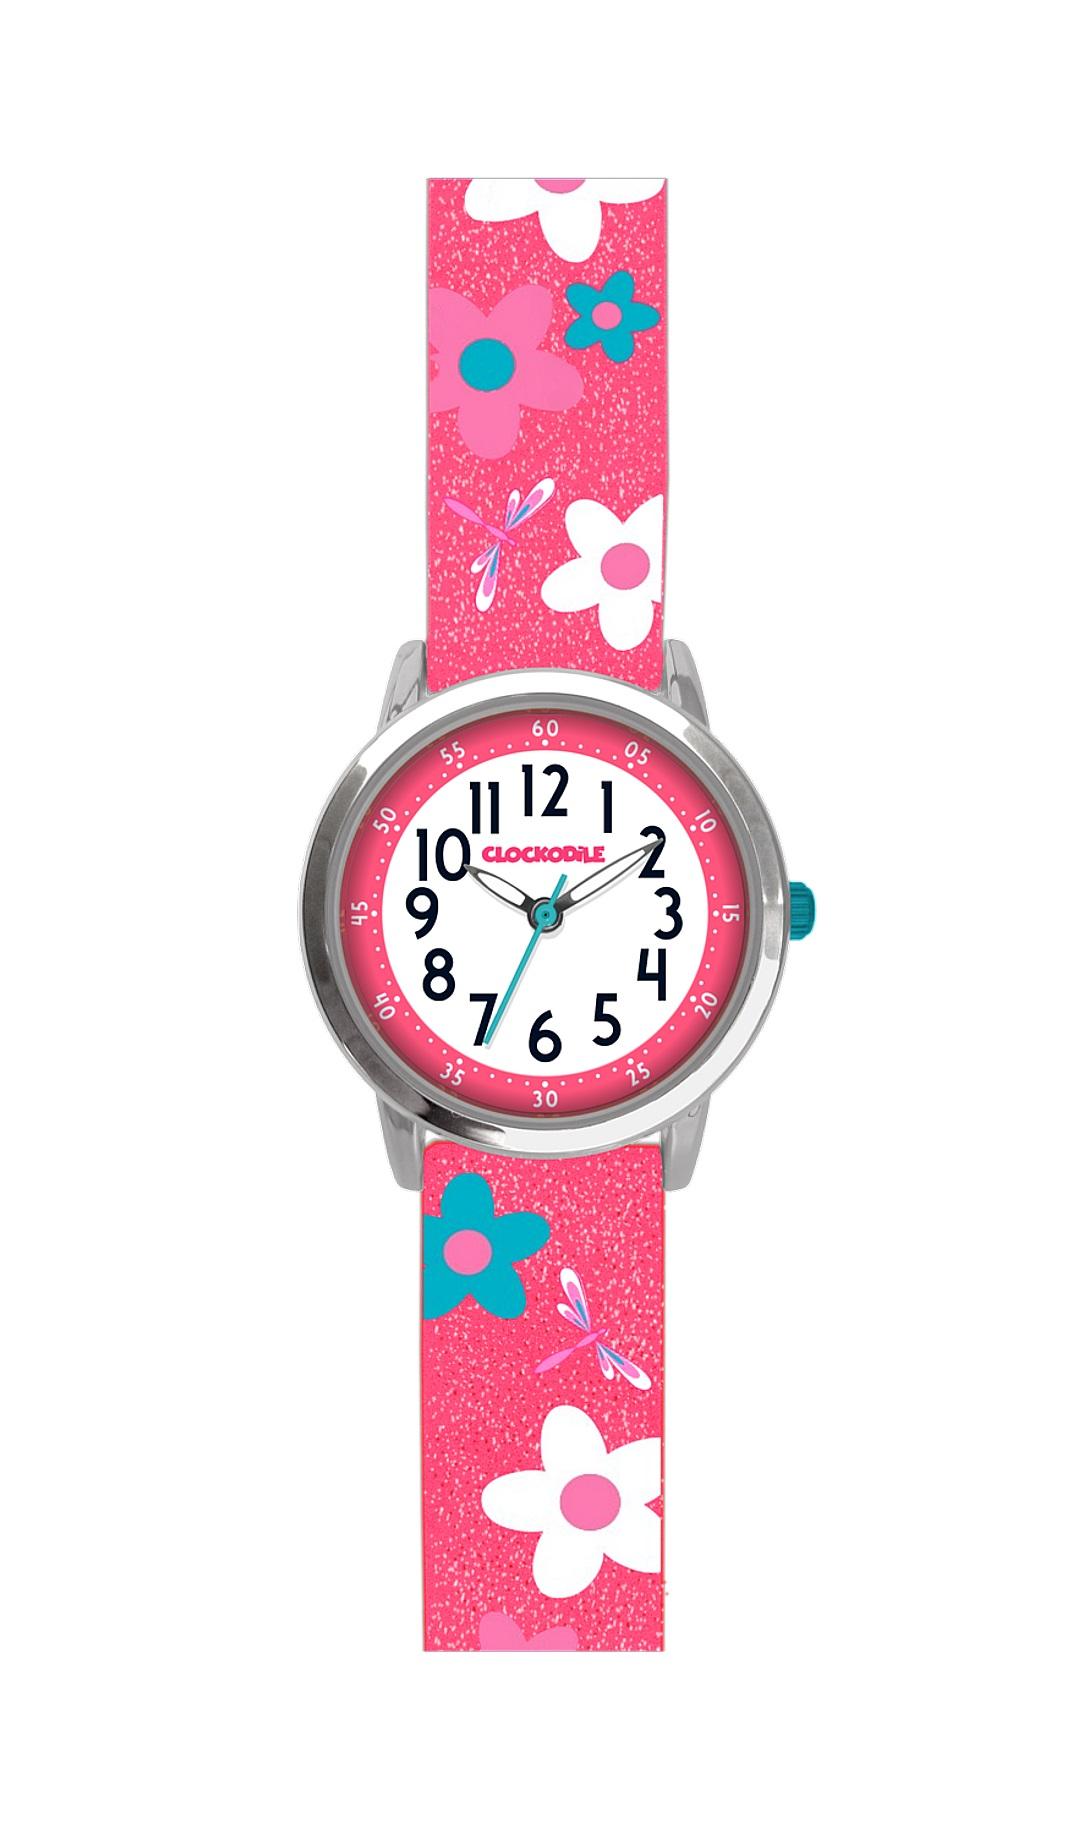 Květované růžové dívčí hodinky CLOCKODILE FLOWERS se třpytkami CWG5020 (CWG5020)